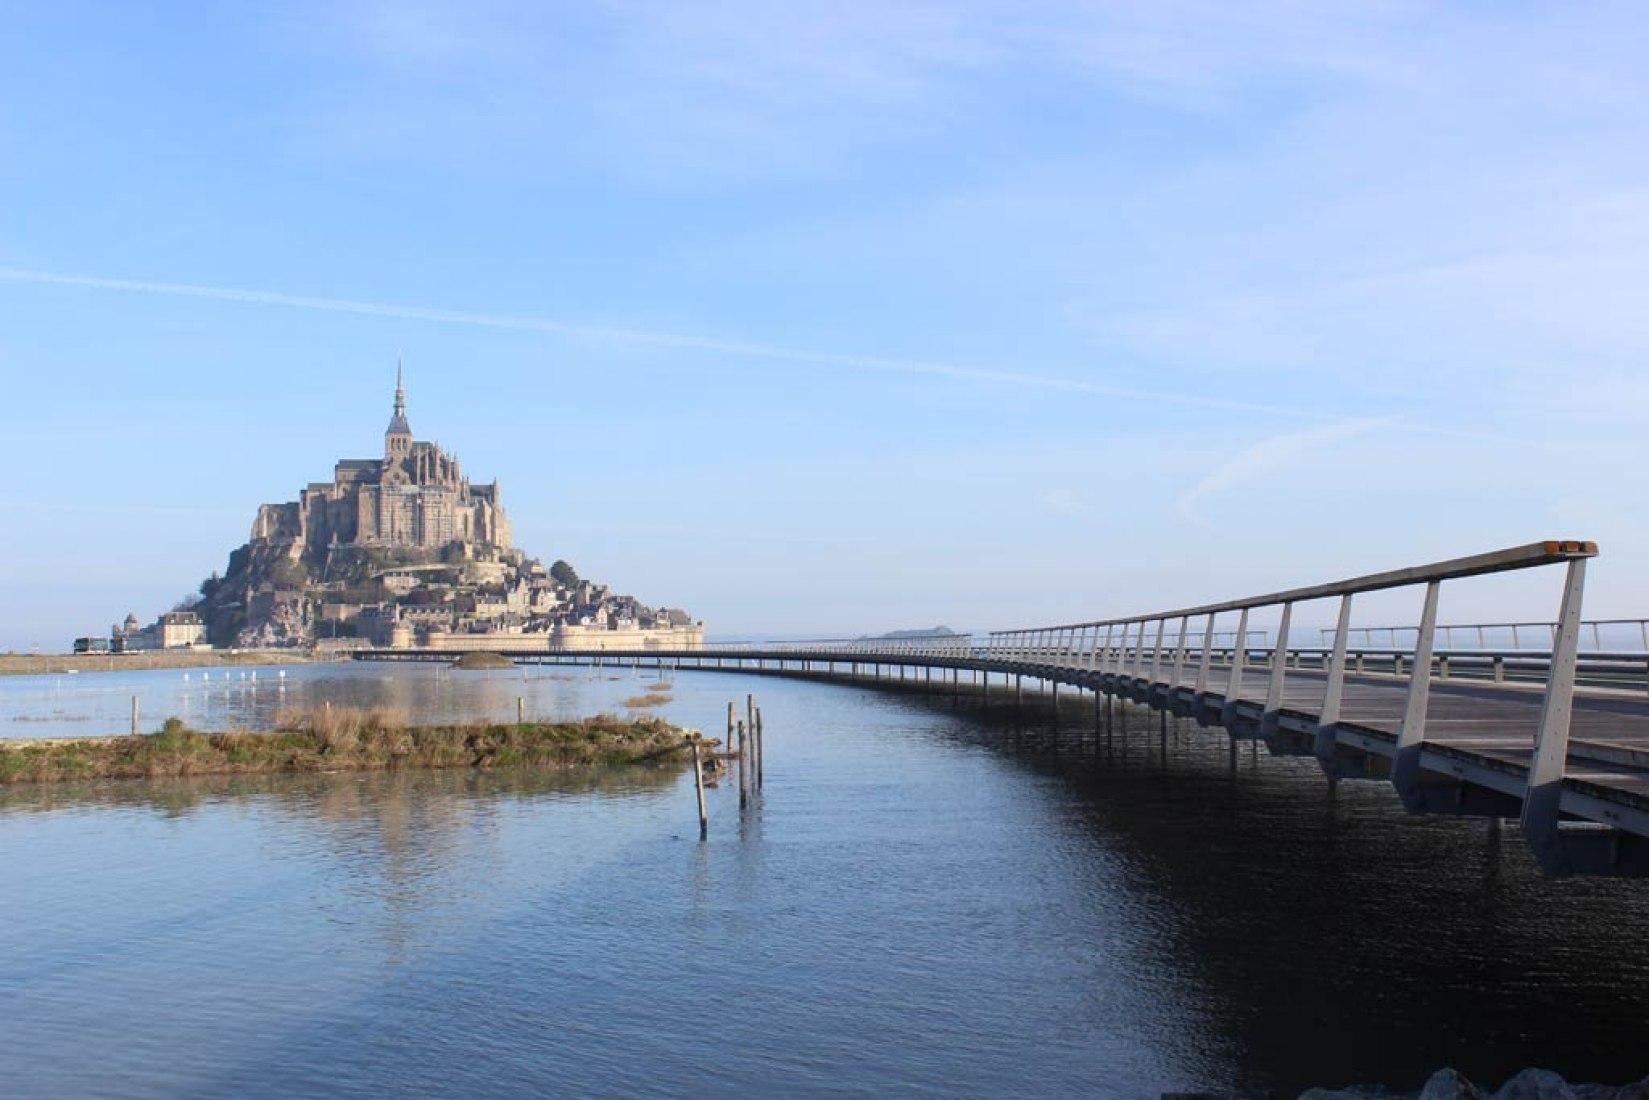 Mont-Saint-Michel bridge by Dietmar Feichtinger. Photography © Mathias Neveling.